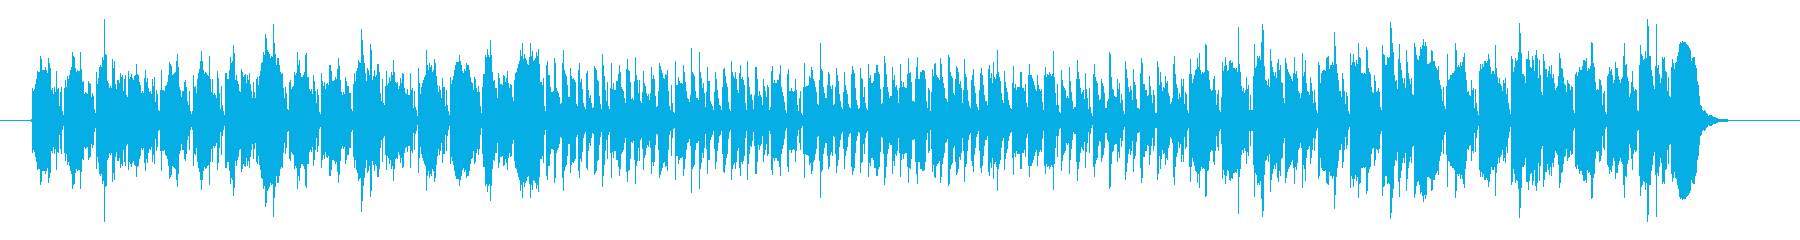 アコーディオンのかわいいメロディーの再生済みの波形